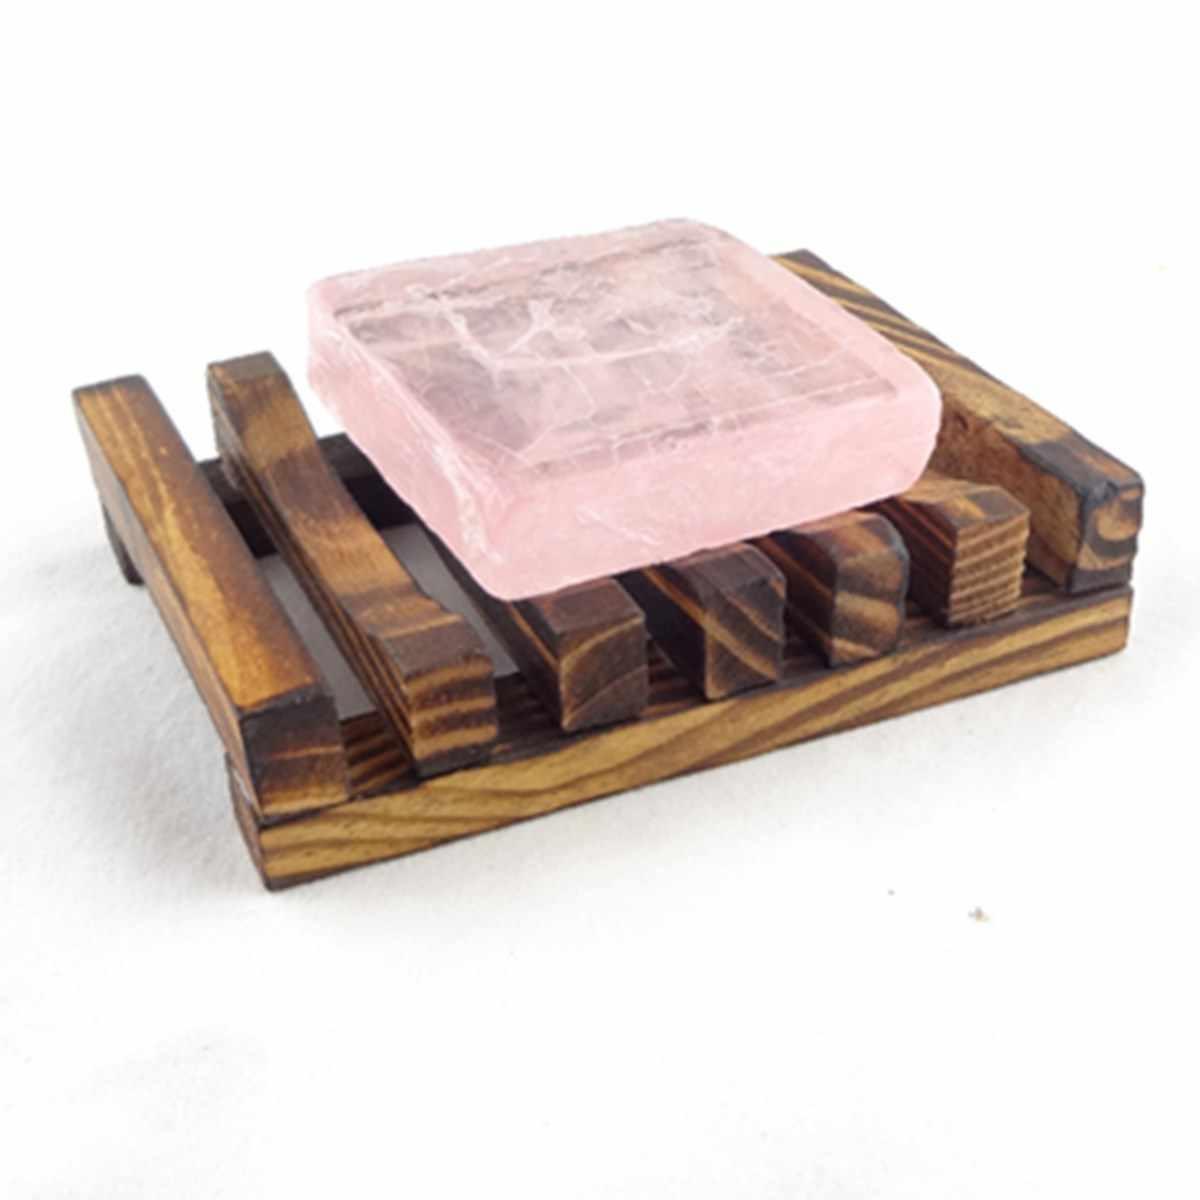 Piękny Design w kształcie trapezu 10.8x8x2.5 cm drewniane ręcznie łazienka drewno mydelniczka Box pojemnik z hydromasażem kubek do przechowywania stojak trwałe